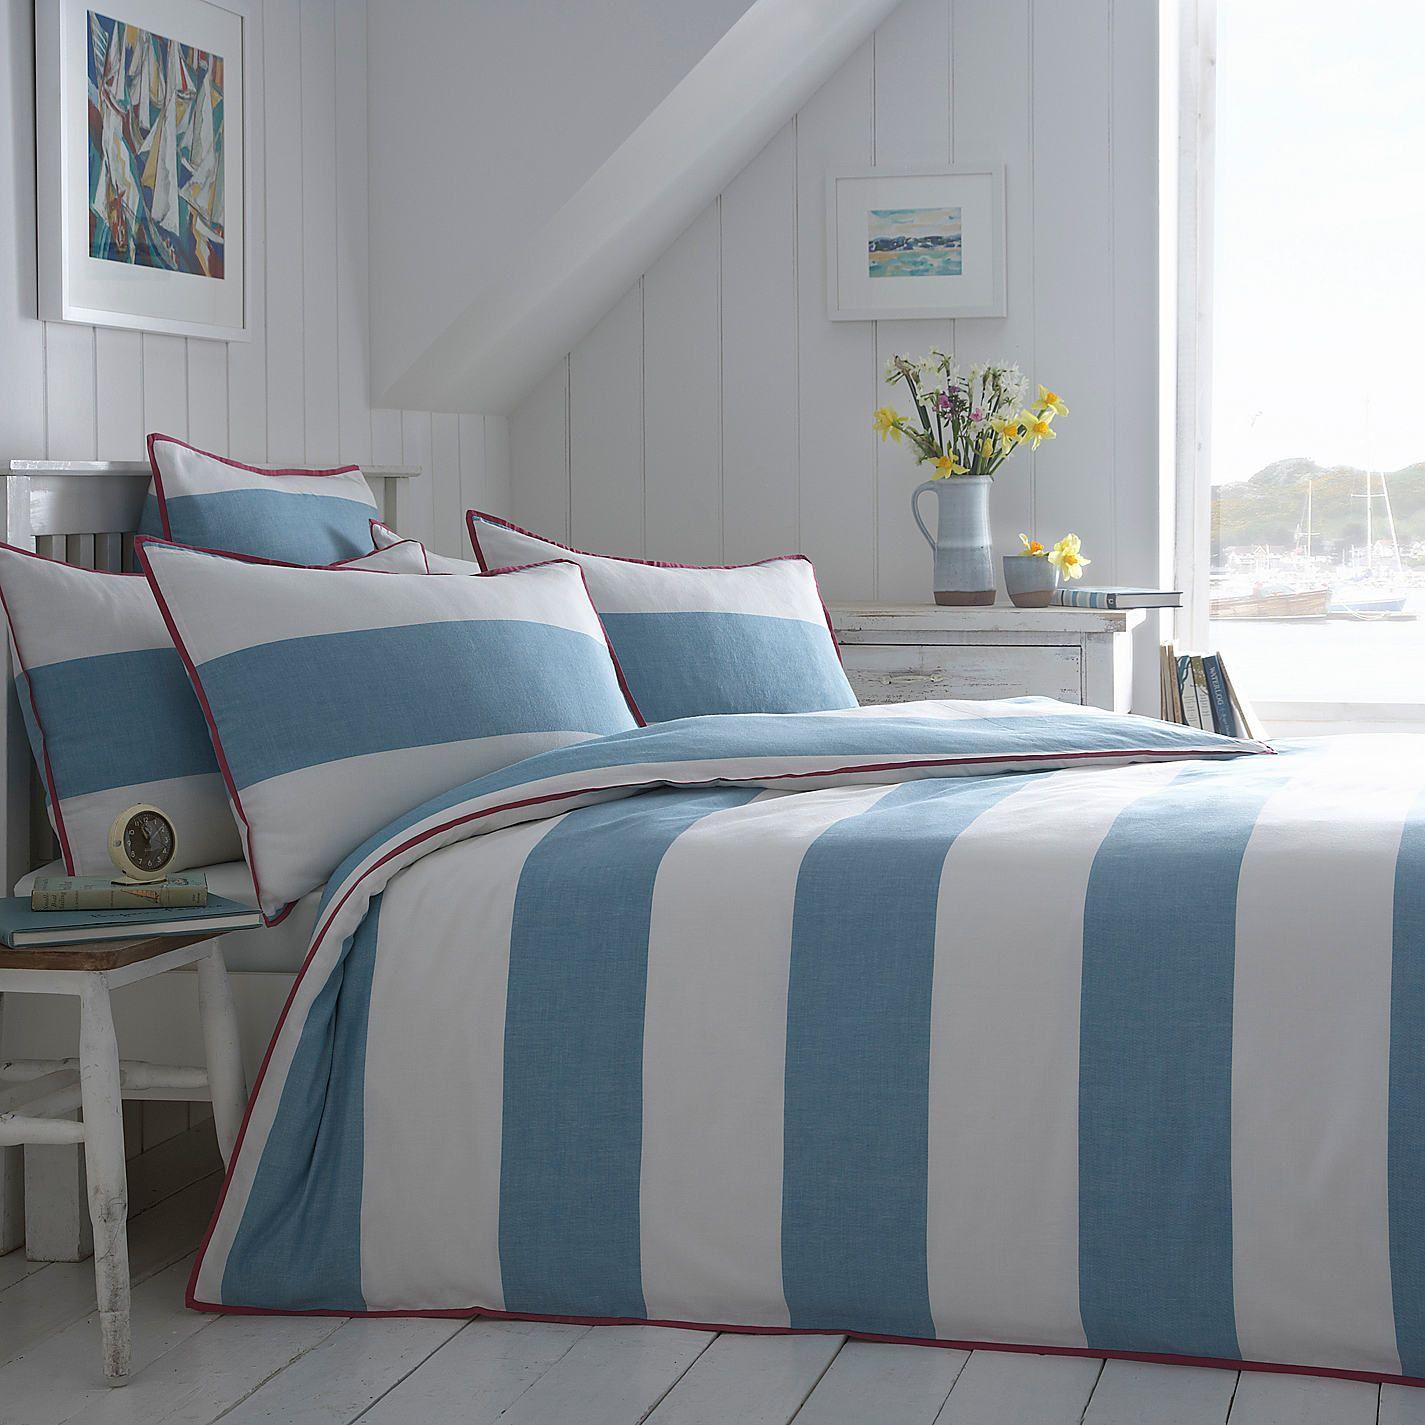 Buy Seasalt Cornish Stripe Bedding - John Lewis